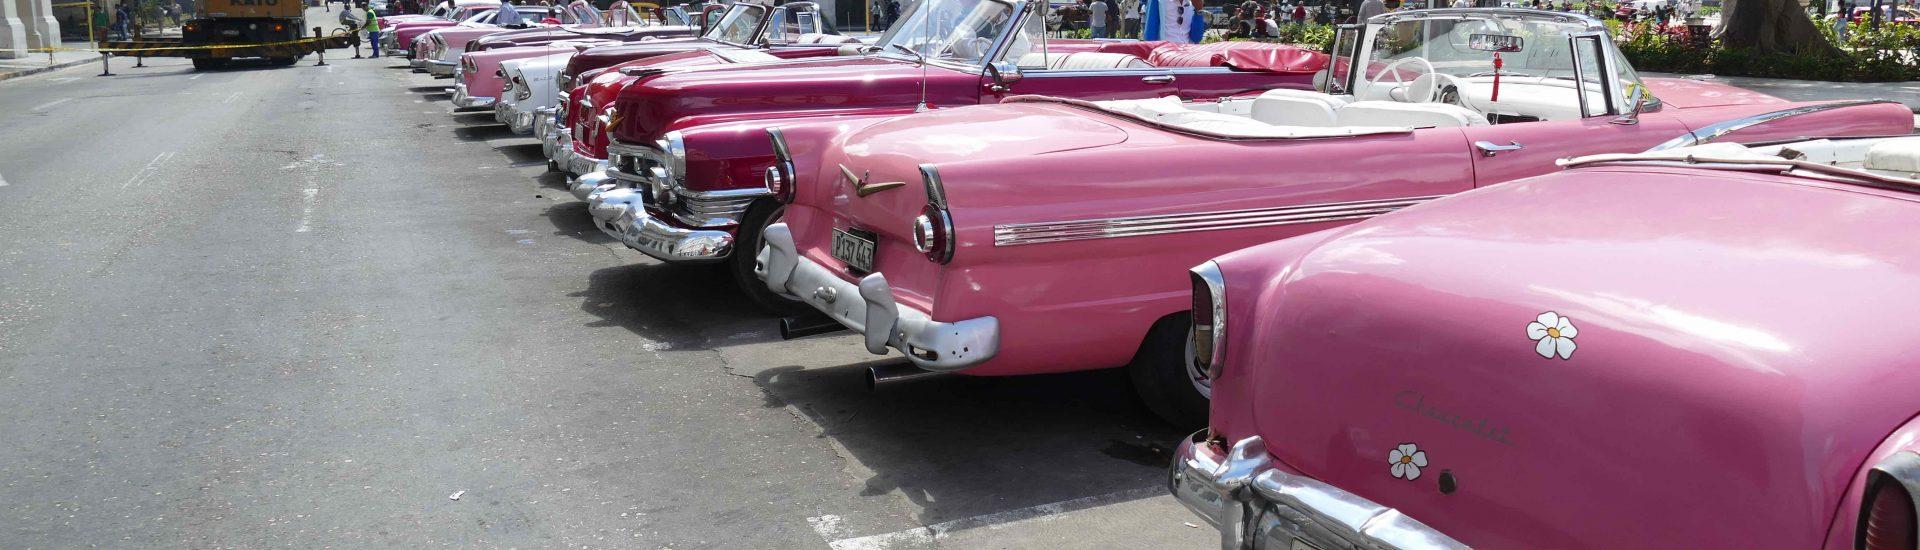 Natürlich bin ich in Kuba durch Havanna mit einem Oldtimer gekurvt. Das ist echtes Havana-Feeling der 60er Jahre.